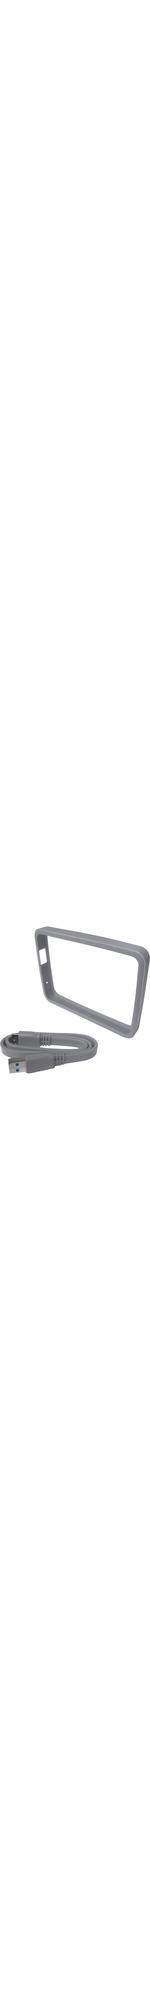 WD WDBZBY0000NSL-EASN Storage Accessory Kit